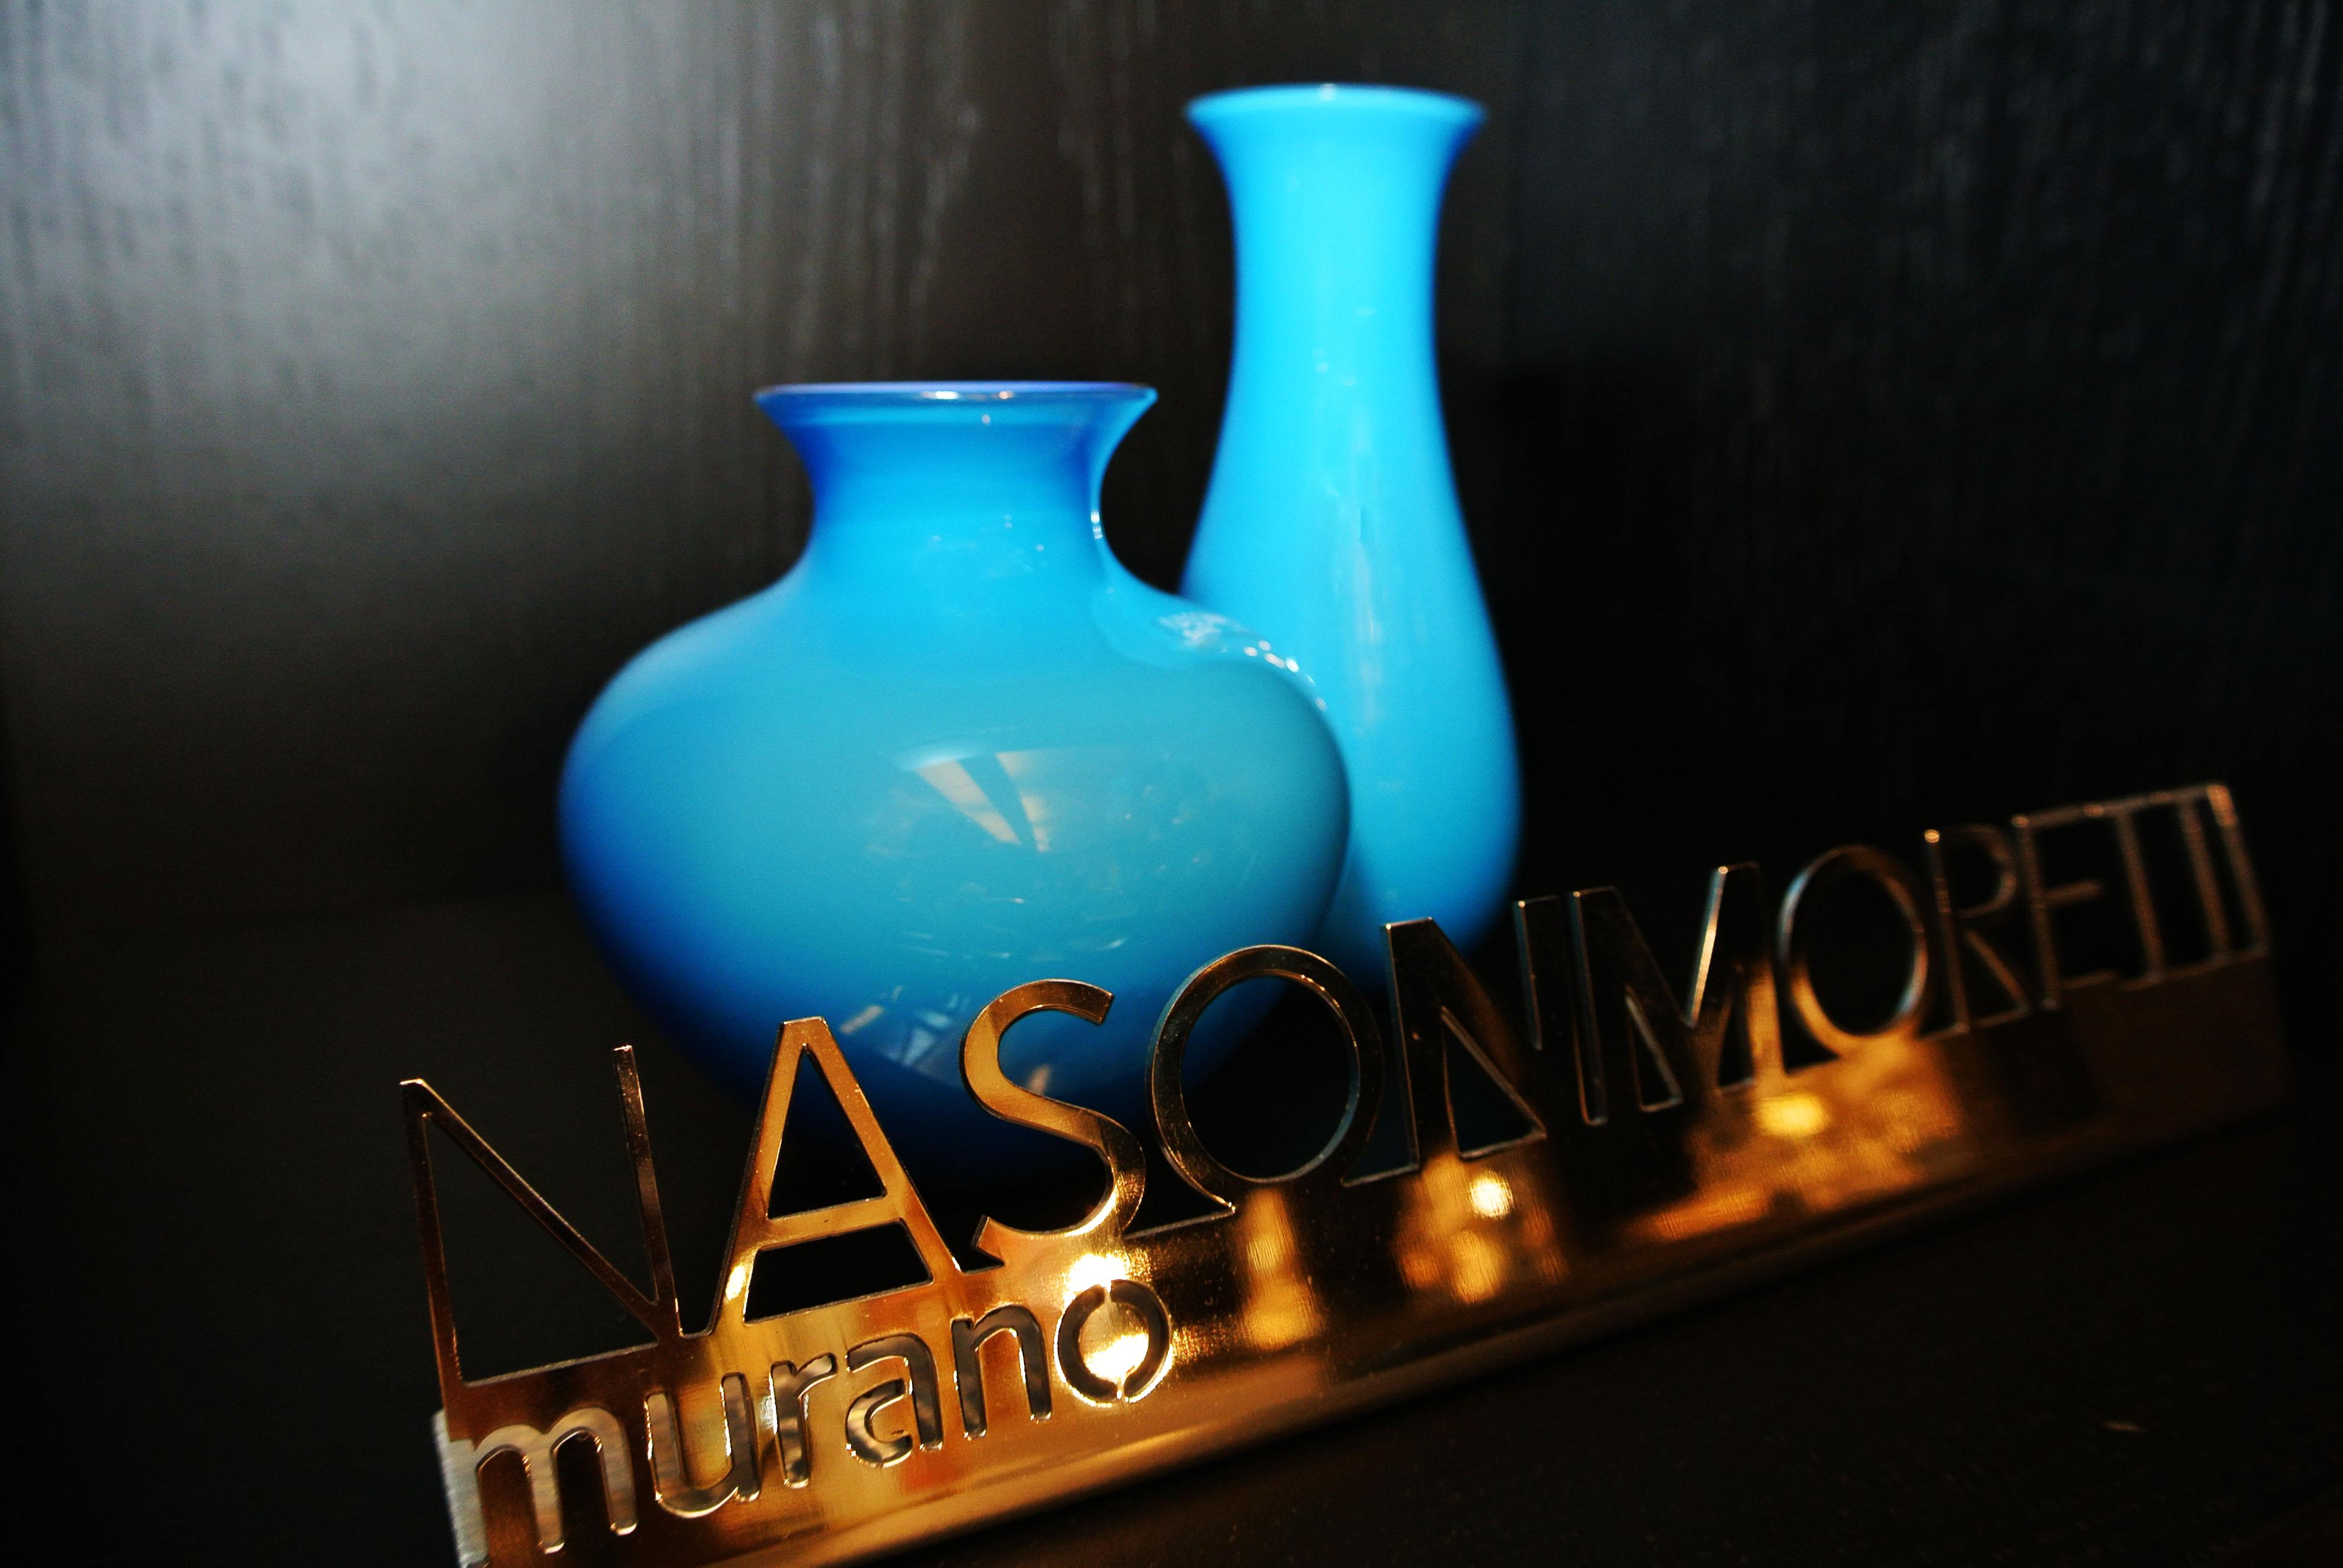 La nostra Casa - Nason Moretti